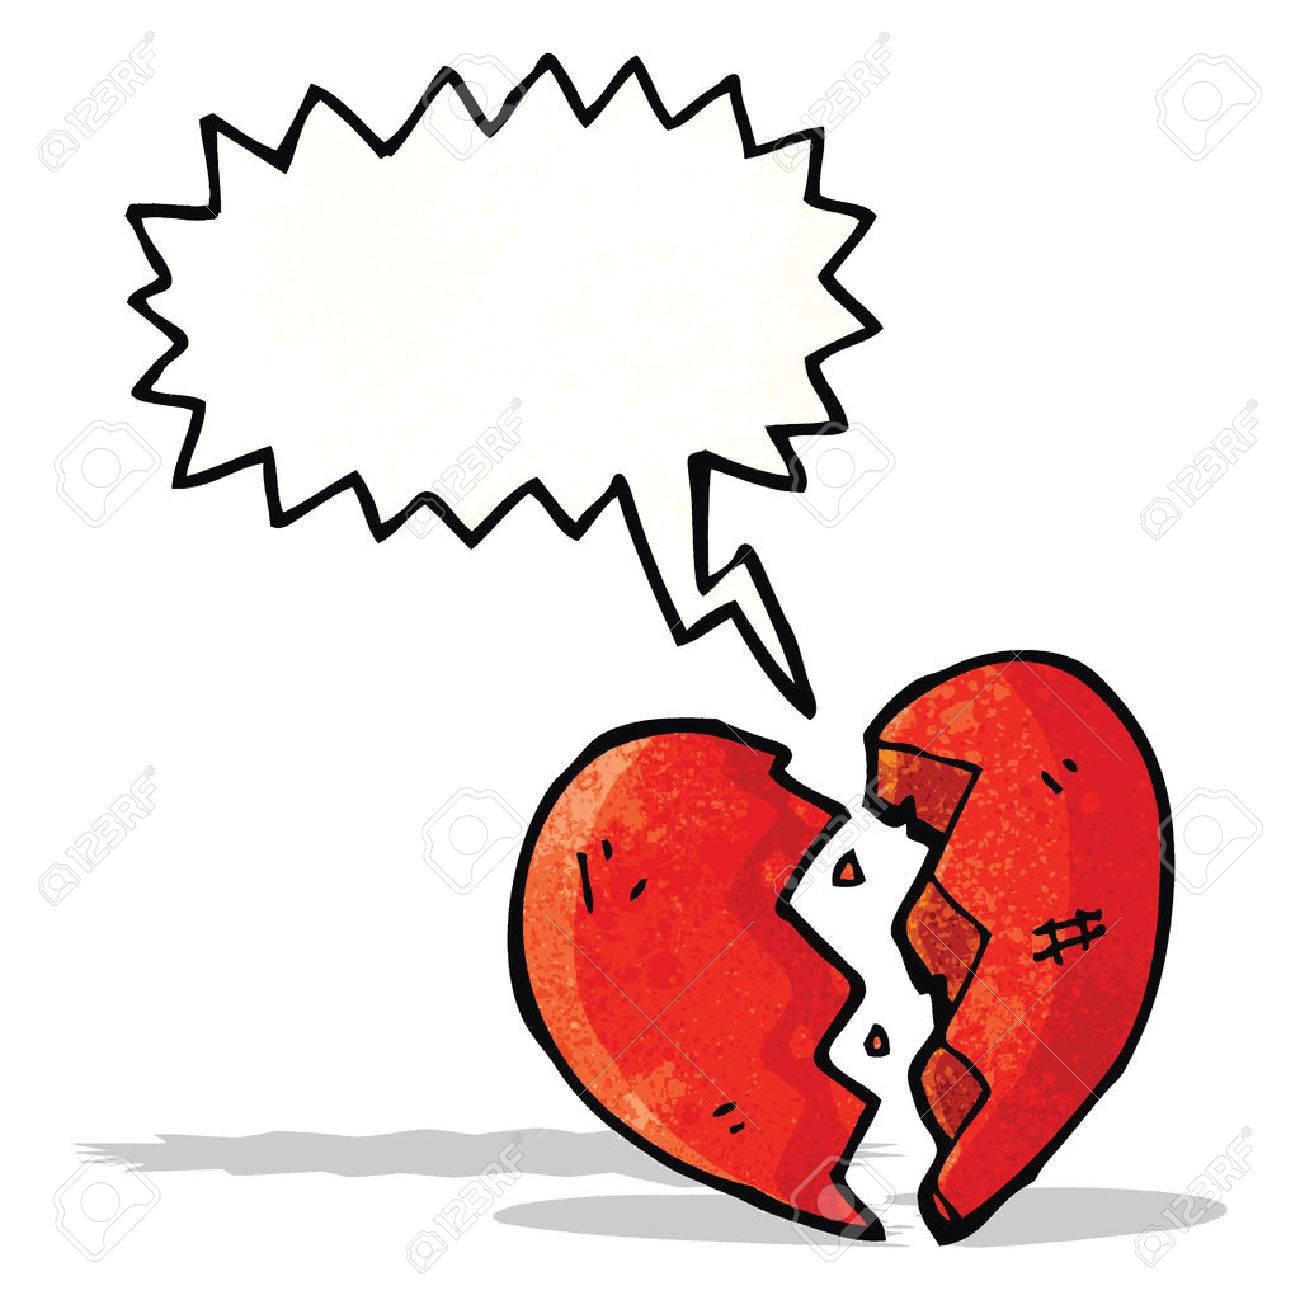 breaking heart cartoon - 31952853